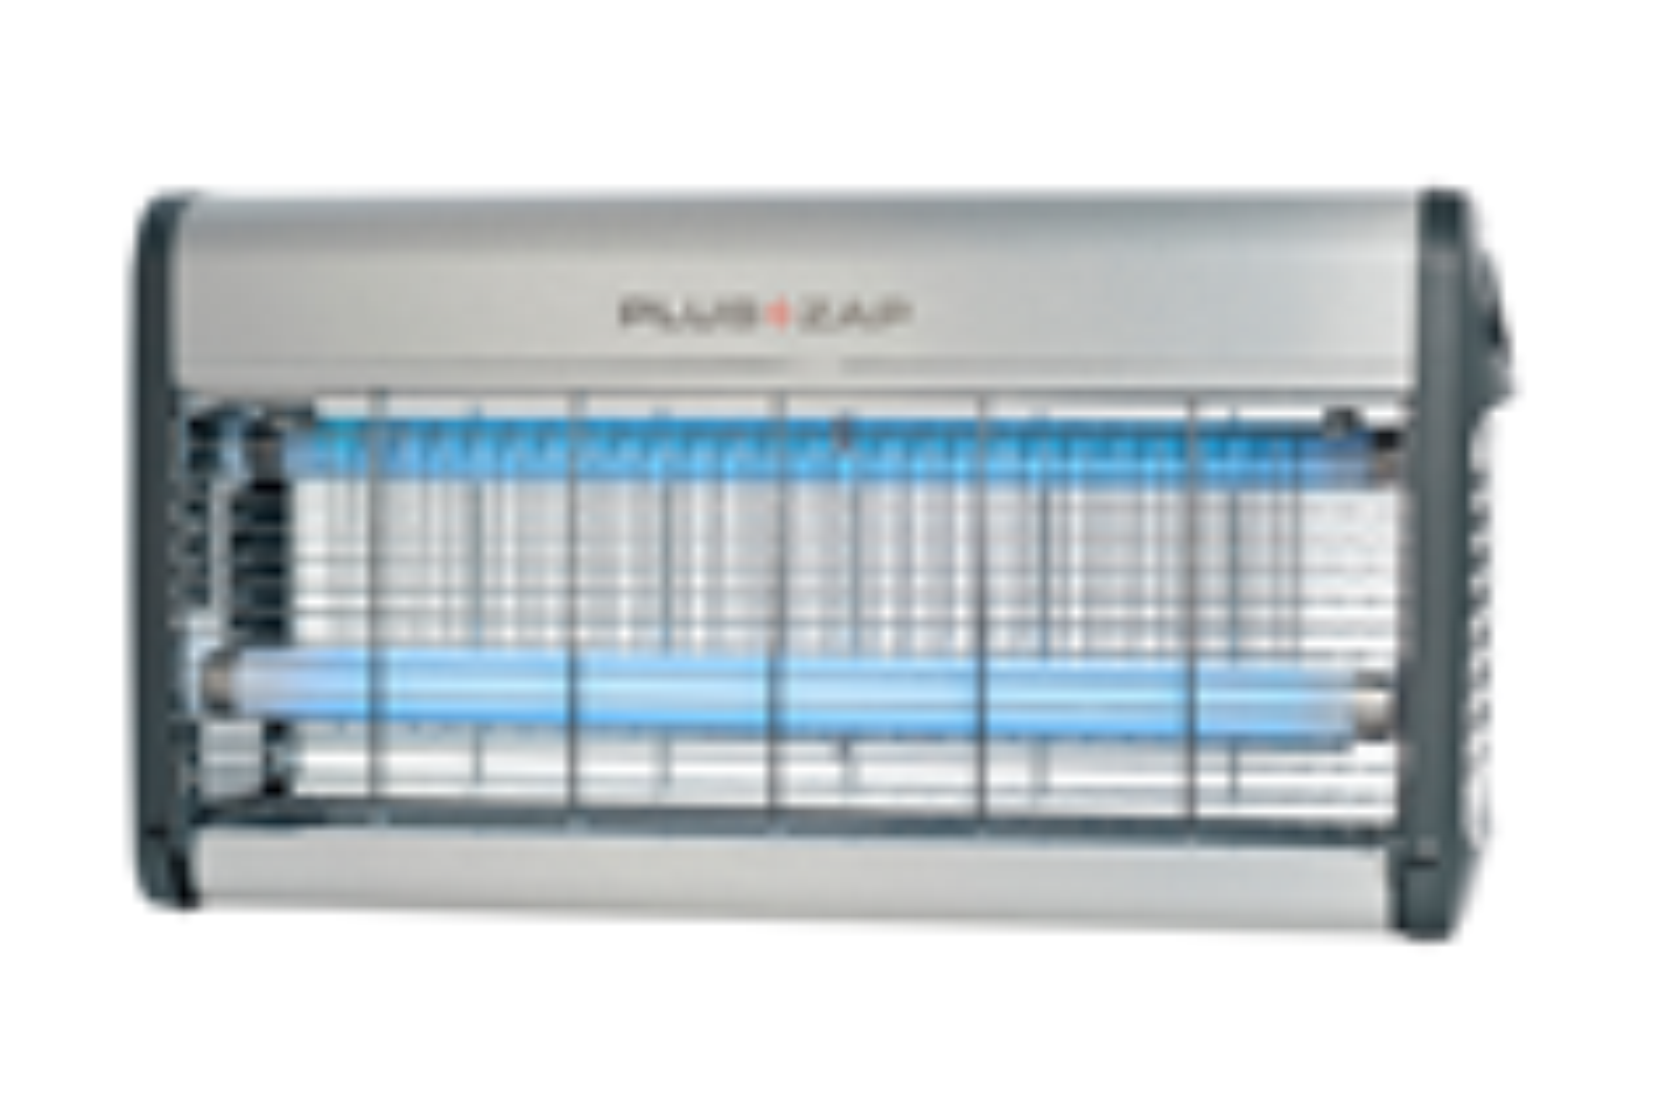 PluszapTM - vliegenvanger 30w elektrische vliegenvanger